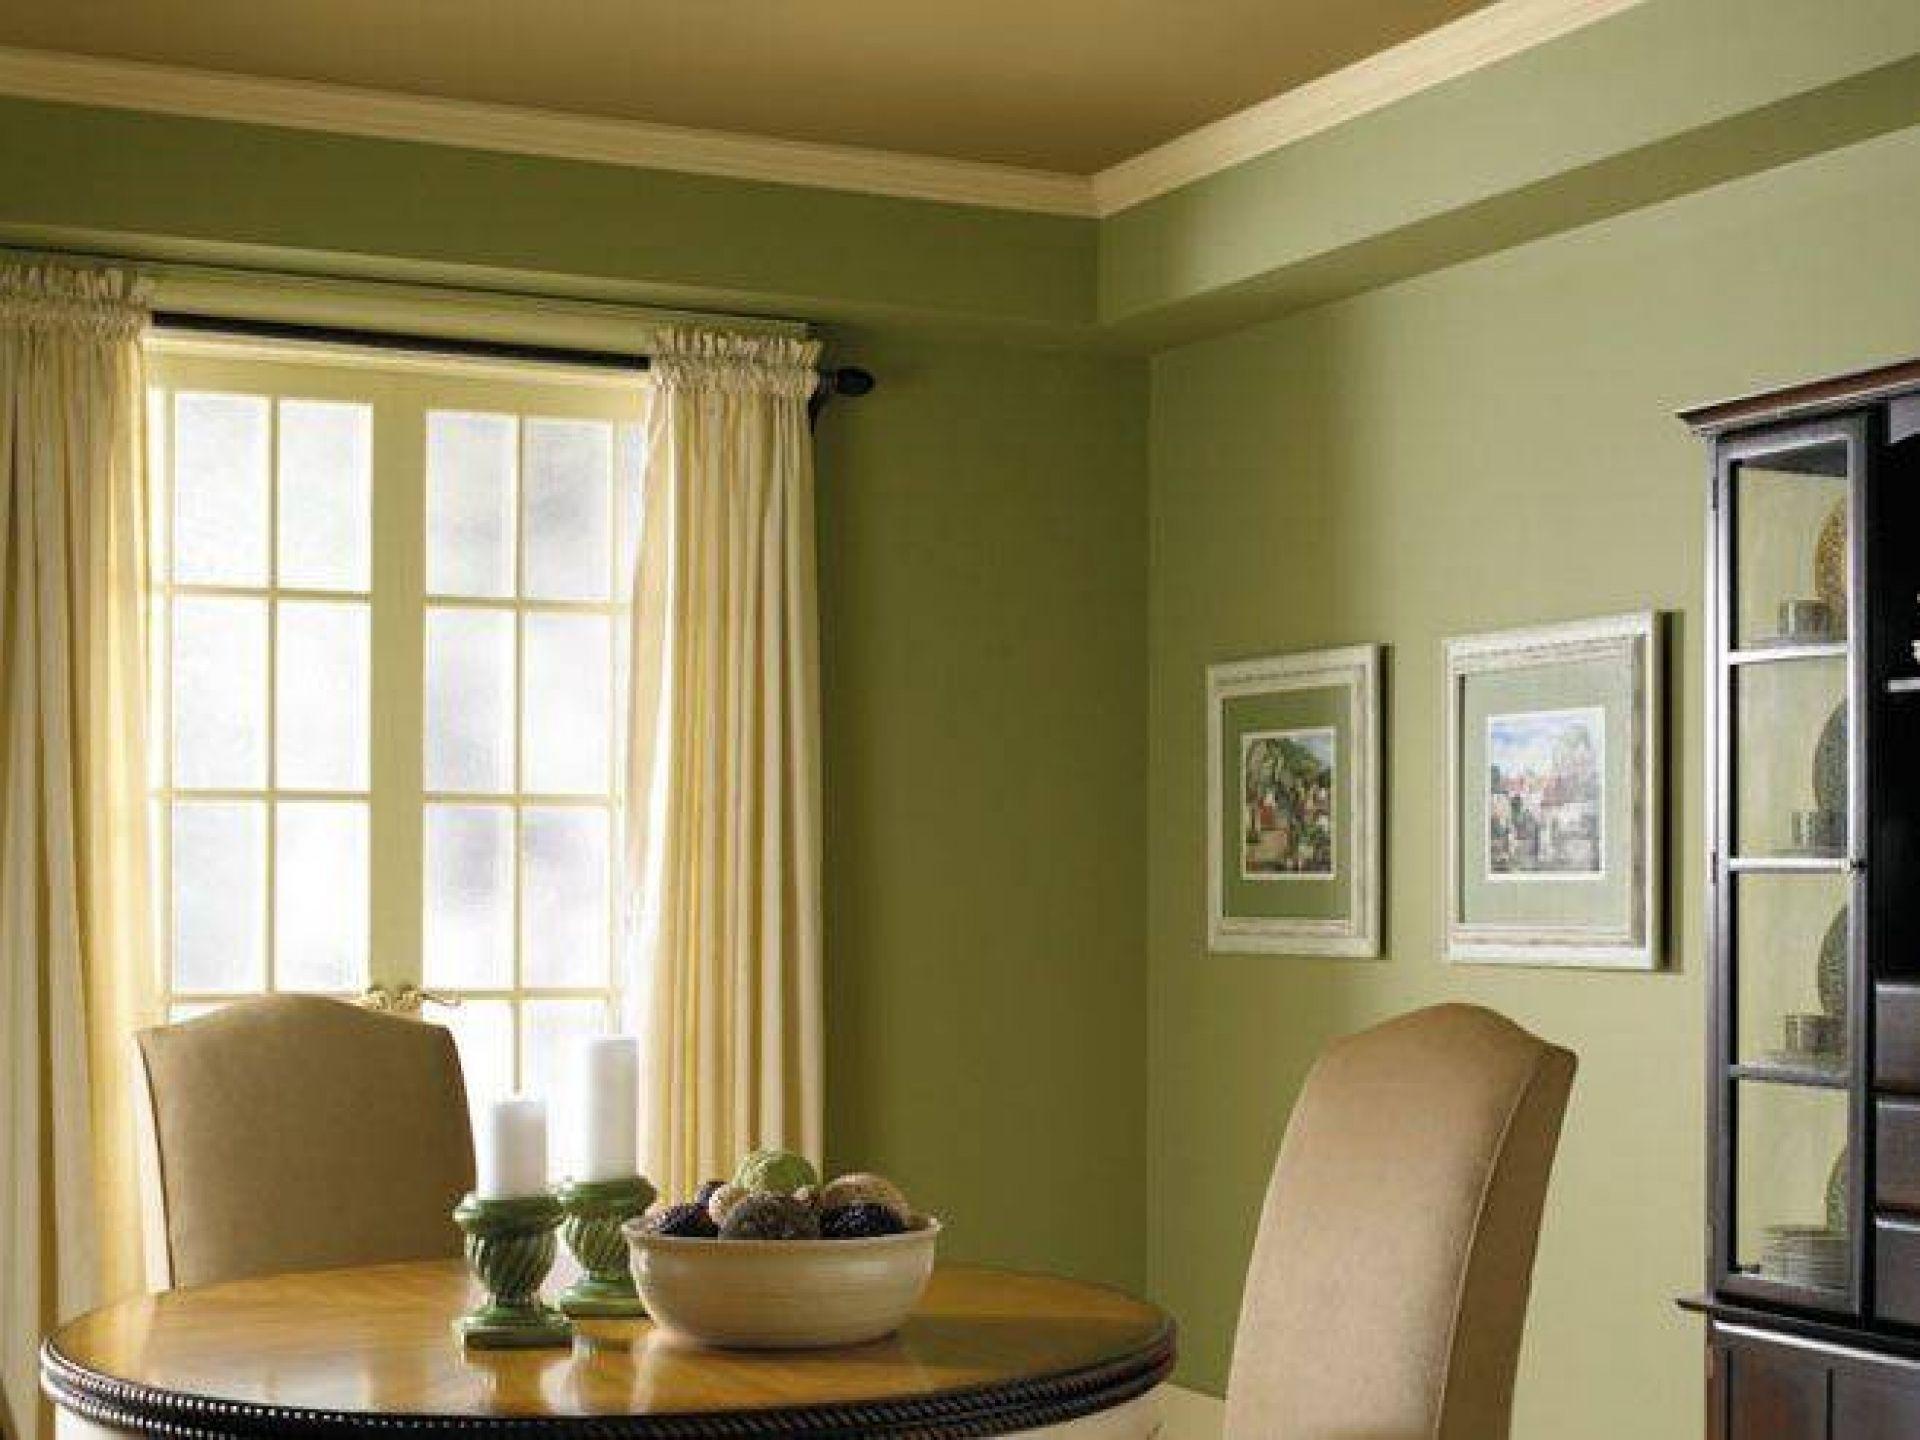 beruhigende gr n esszimmer einrichtung und anordnung der m bel m bel in 2019 schlafzimmer. Black Bedroom Furniture Sets. Home Design Ideas